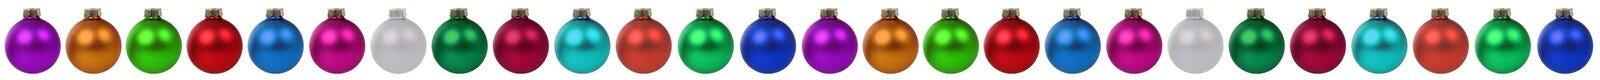 Isol украшения безделушек шариков границы рождества красочный в ряд Стоковое Фото